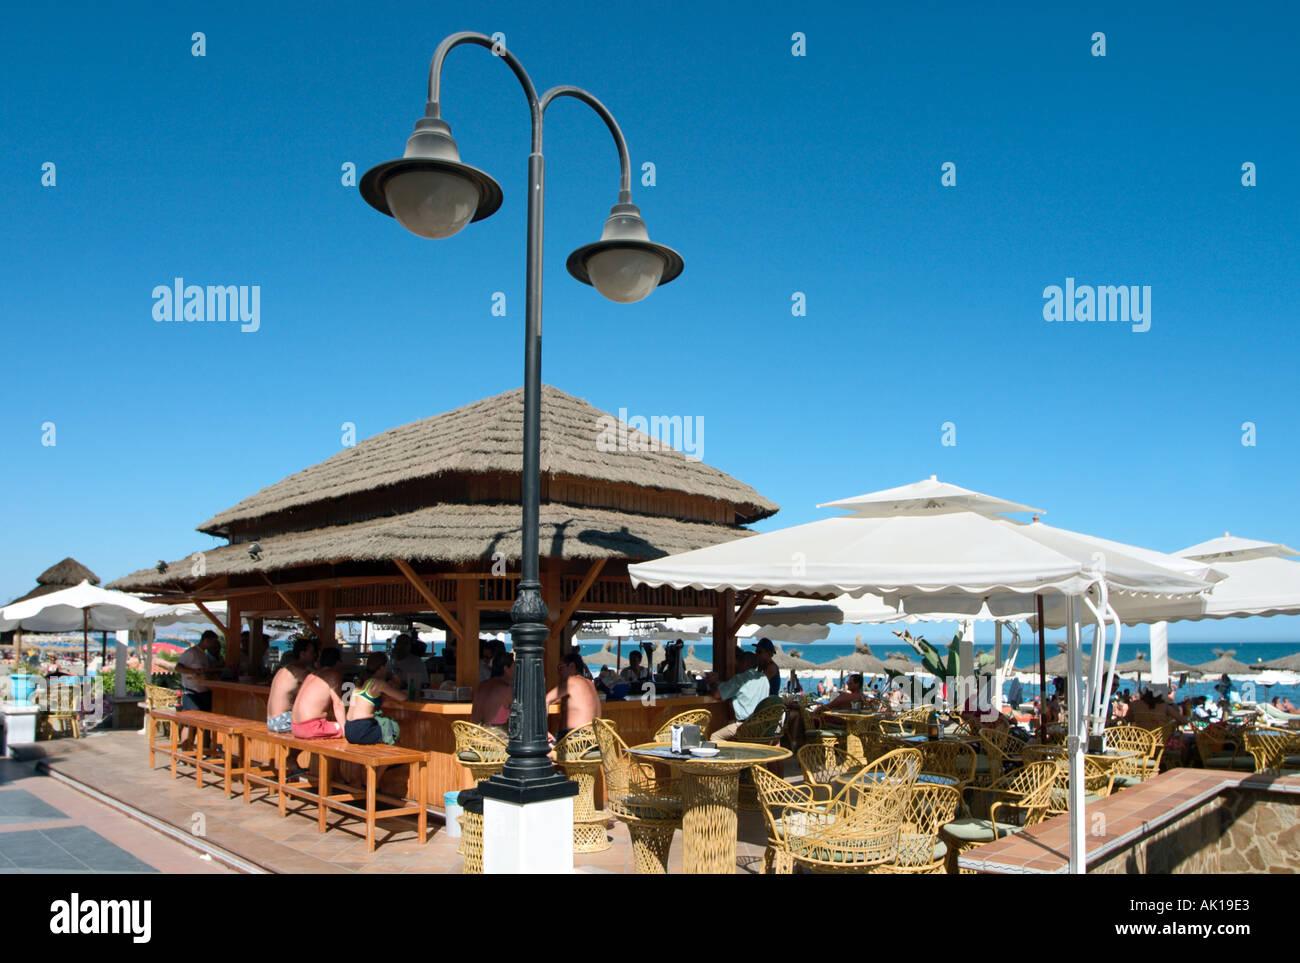 Cafe Costa Del Sol Menu